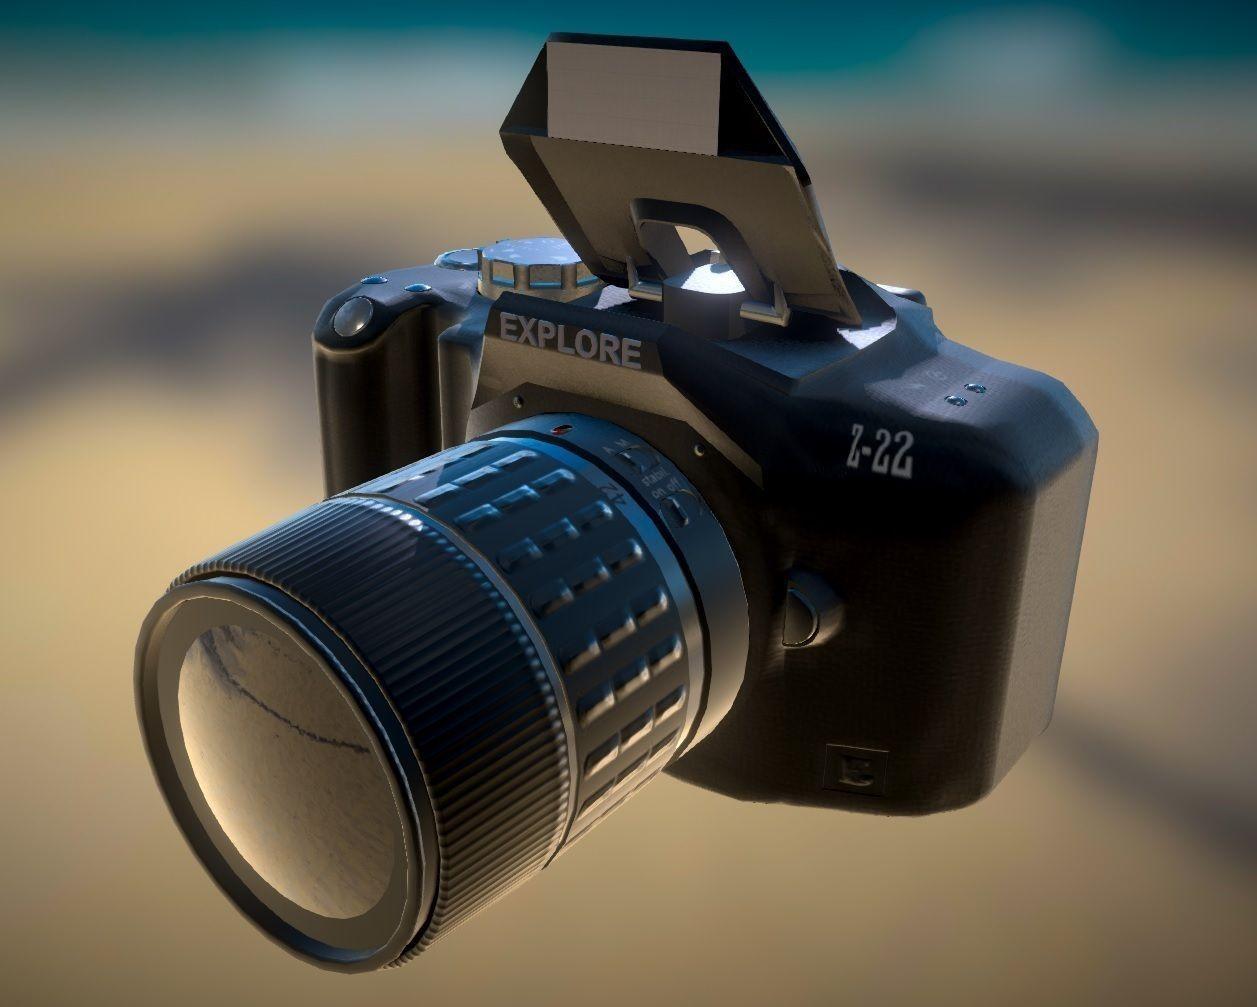 Camera 3d Dslr Camera dslr camera 3d model fbx tga cgtrader com 5